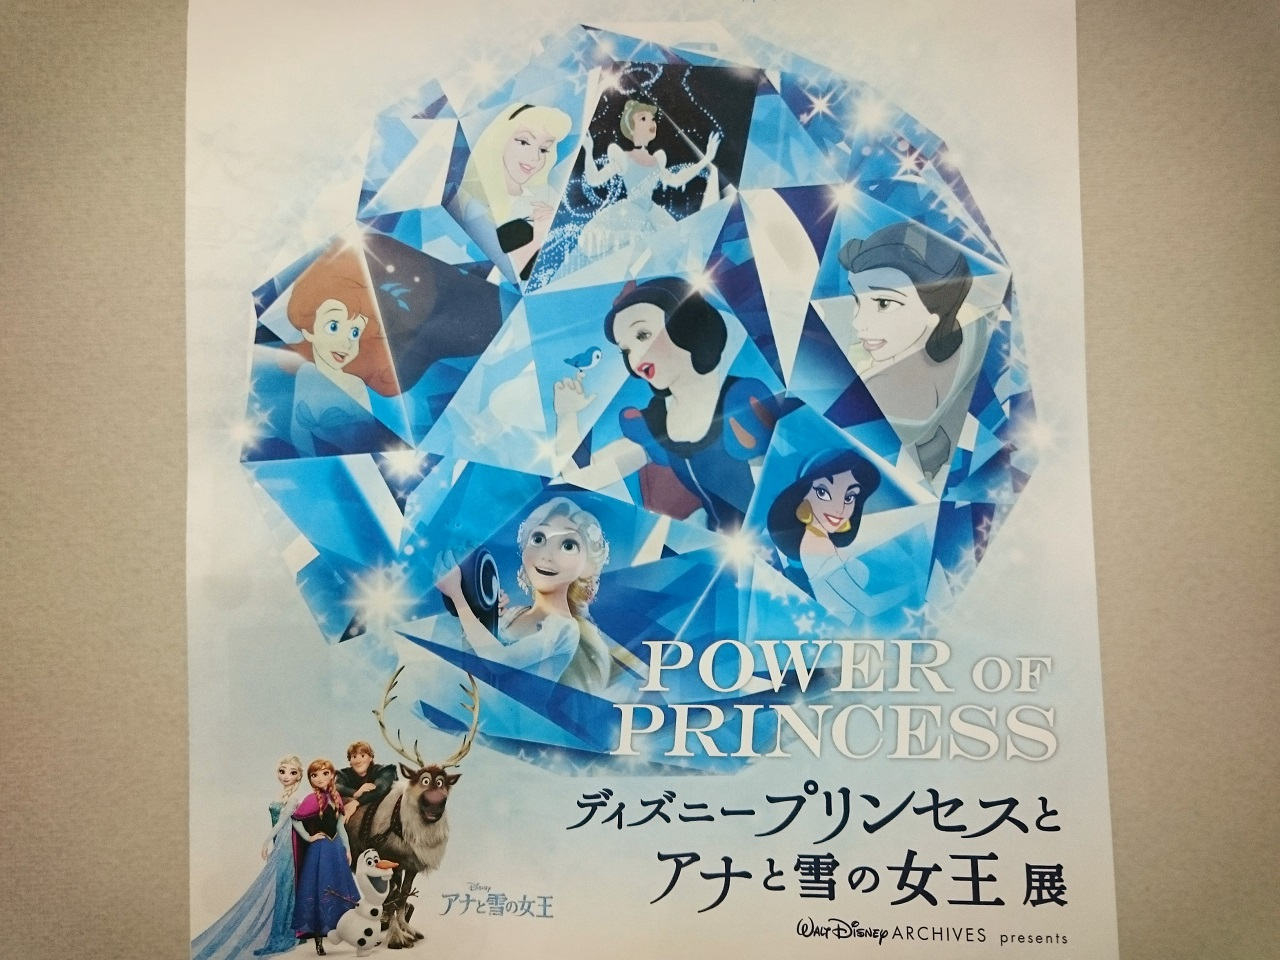 感想】ディズニープリンセスとアナと雪の女王展(アナ雪展)に行ってきた